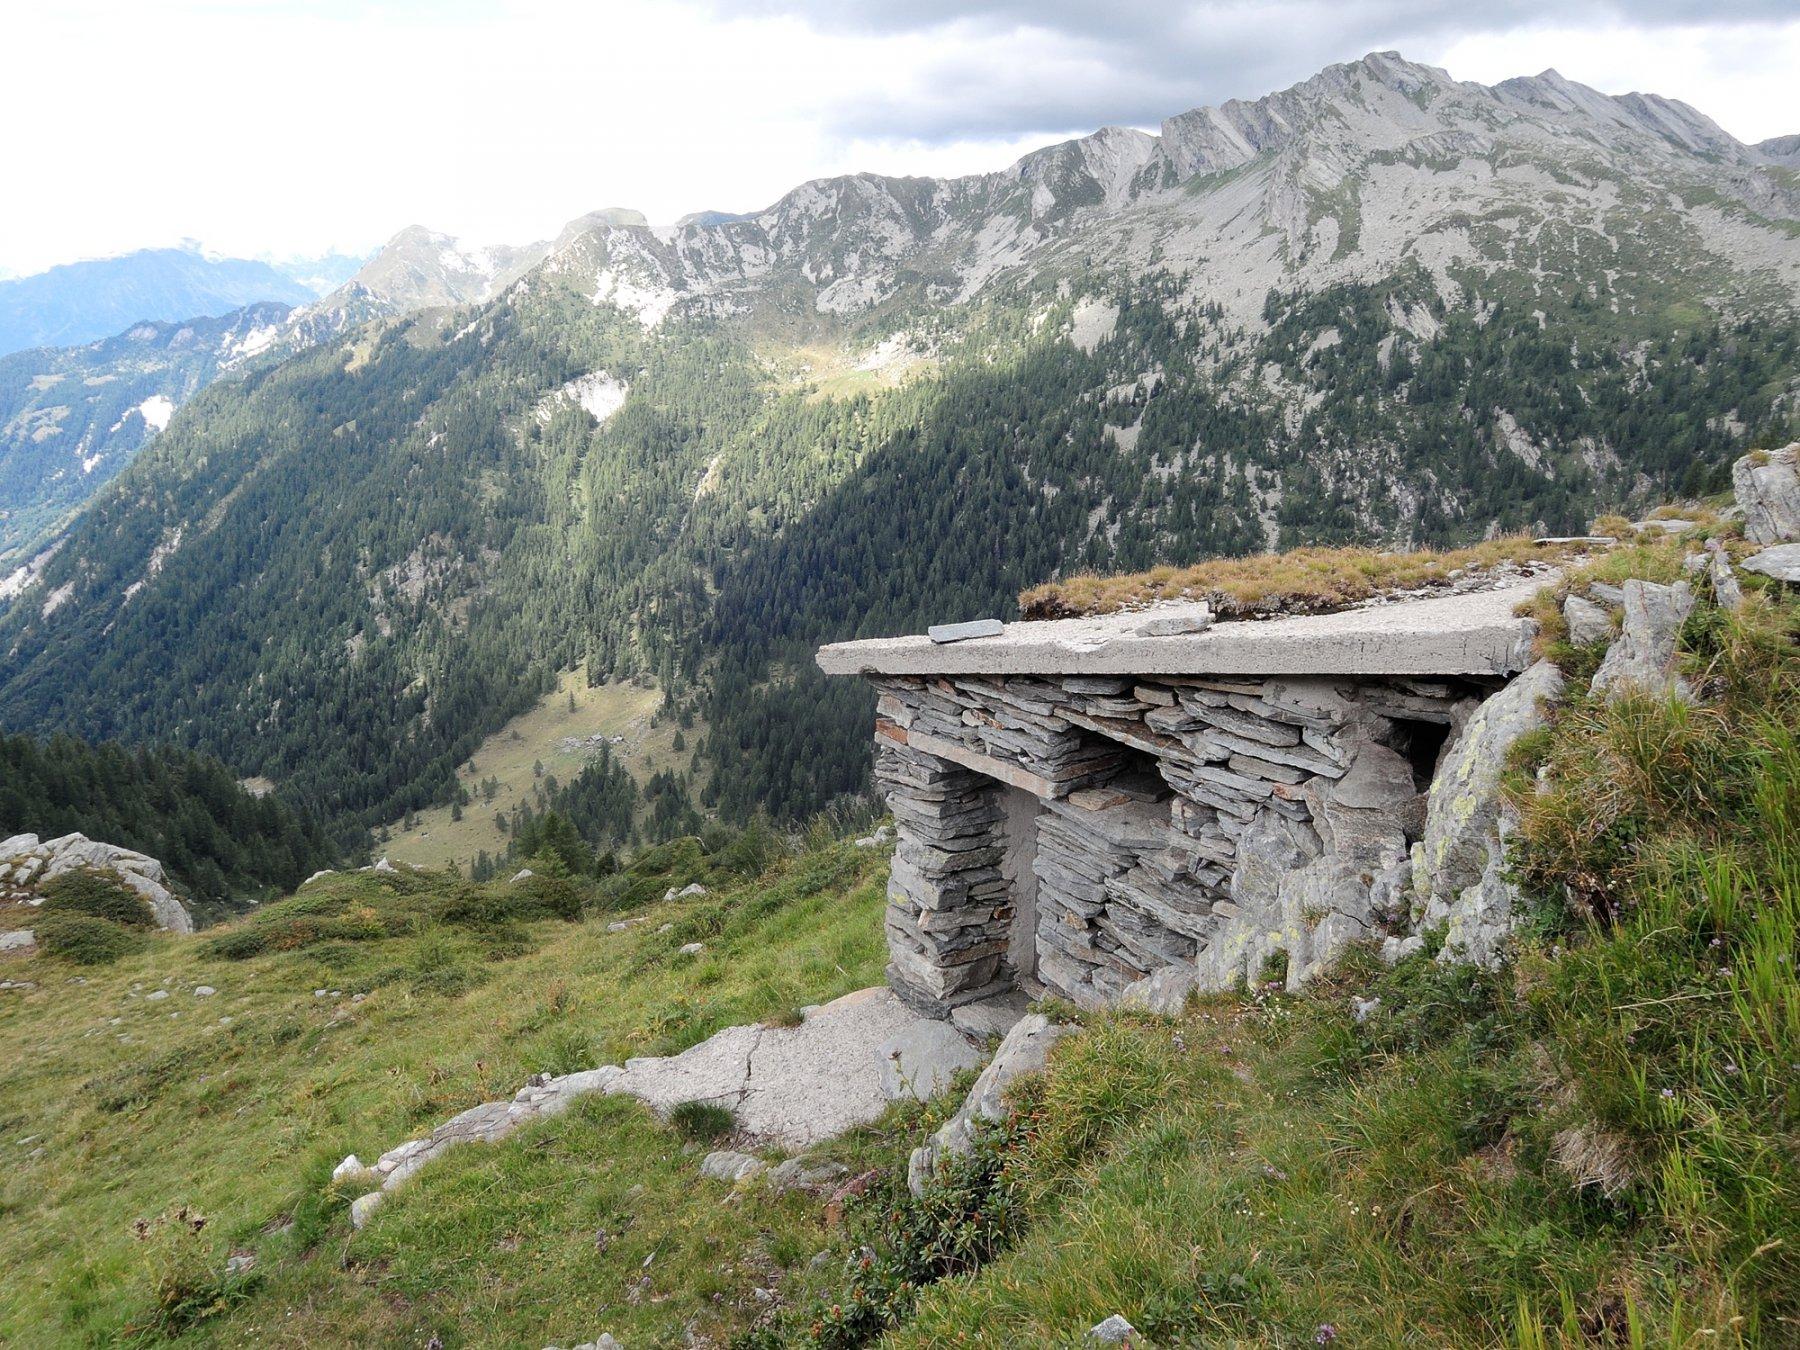 Bivacco affacciato sulla Valle Agrasino, ad Ovest del Passo Campolatte